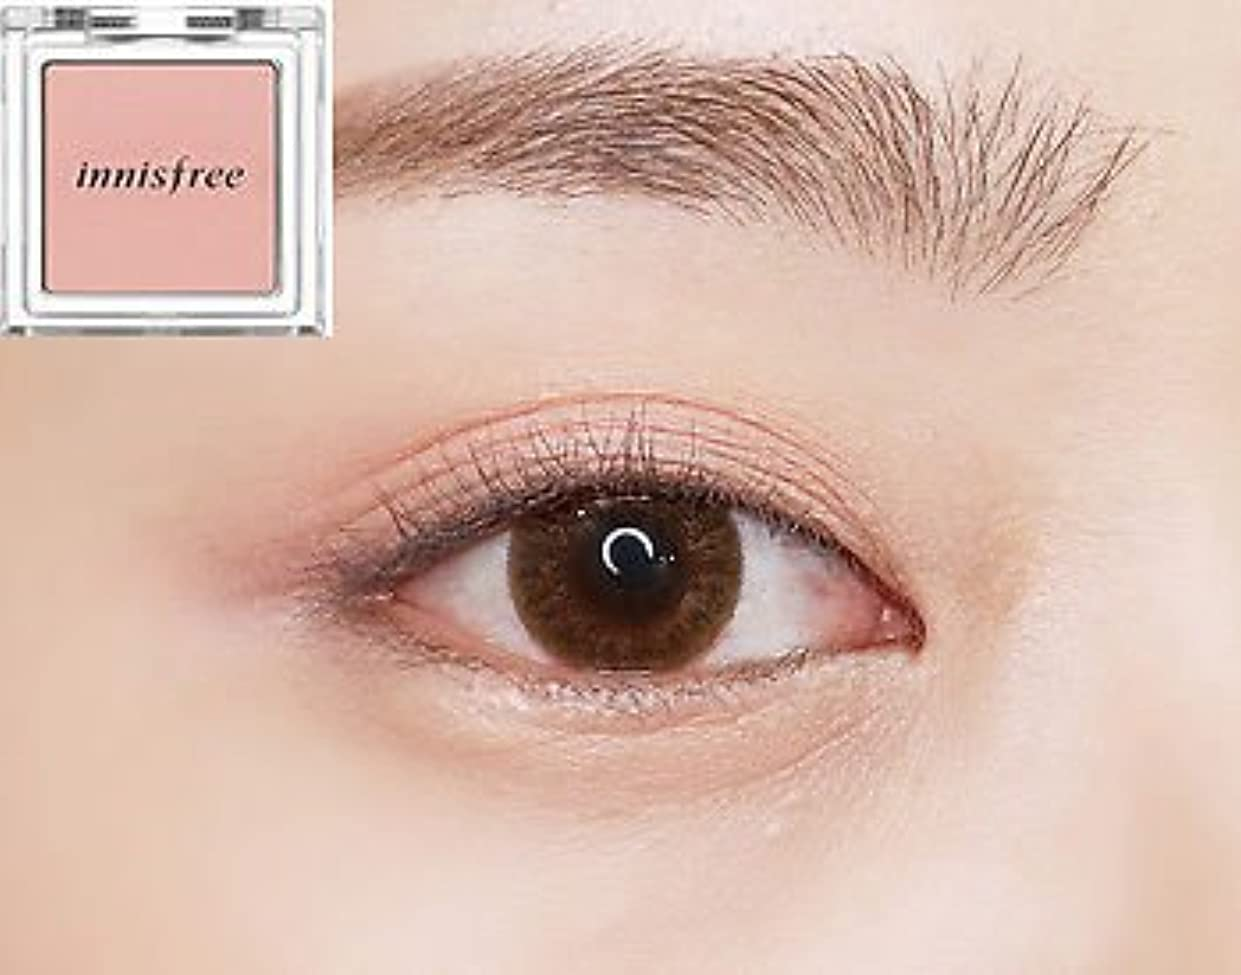 寝てる返還遺伝子[イニスフリー] innisfree [マイ パレット マイ アイシャドウ (シマ一) 39カラー] MY PALETTE My Eyeshadow (Shimmer) 39 Shades [海外直送品] (シマ一 #03)